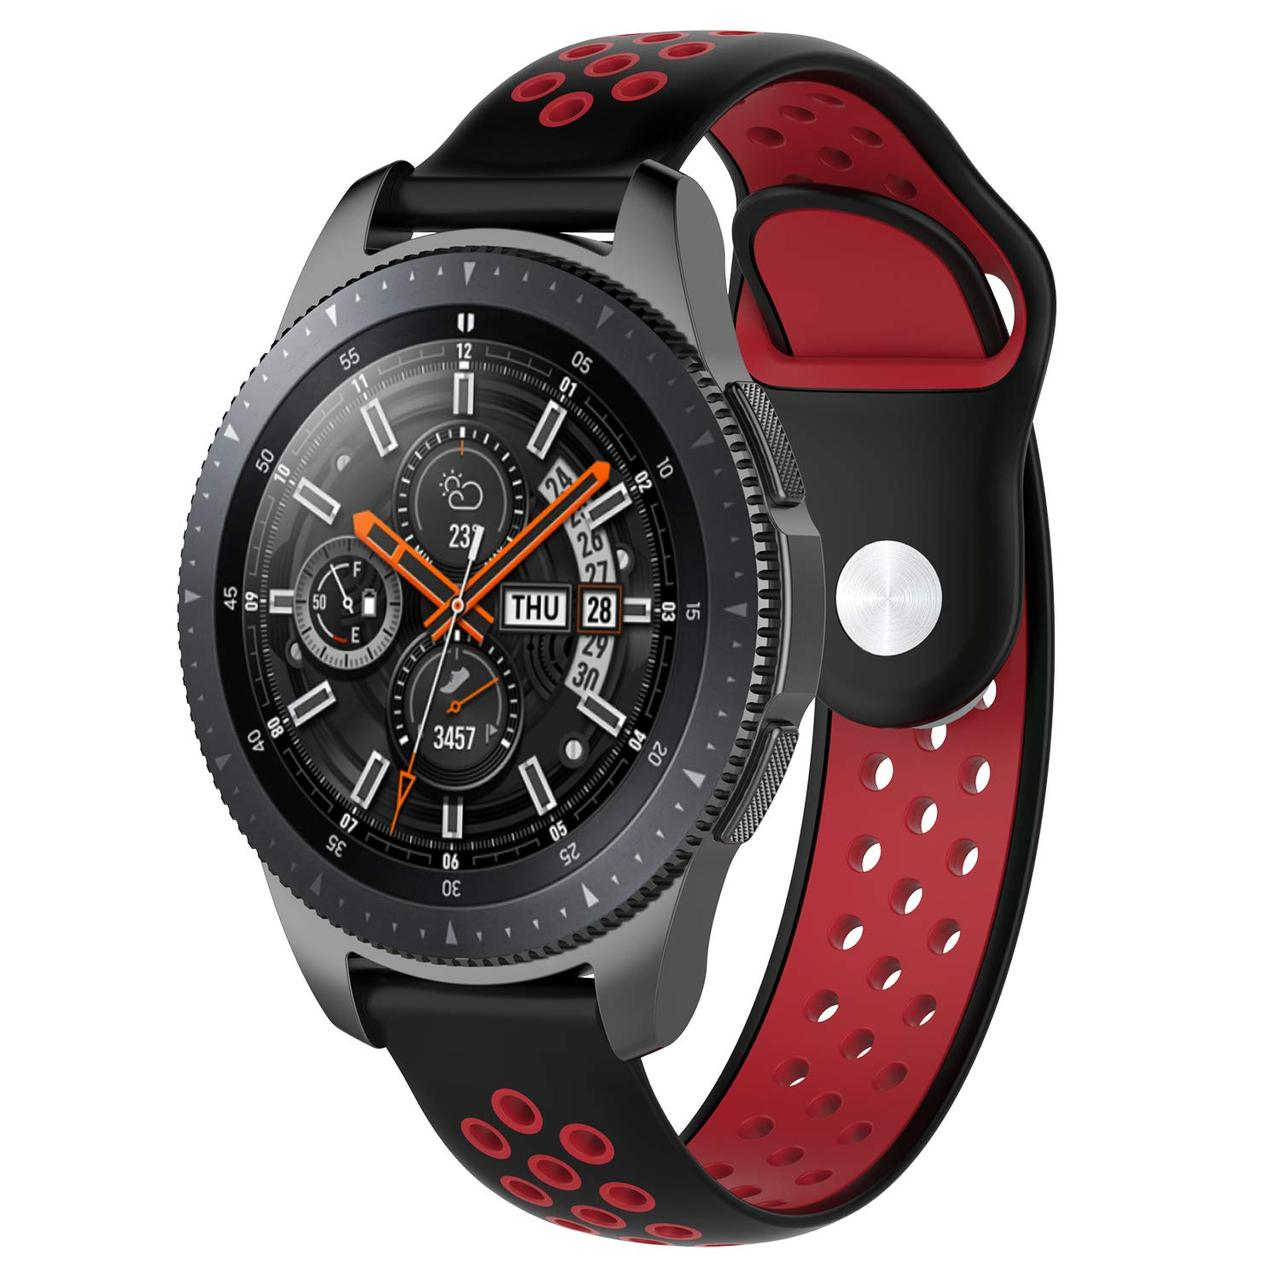 Ремінець 22мм BeWatch sport-style для Samsung Galaxy Watch 46 мм   Samsung Gear S3 Чорно-Червоний (1020113)